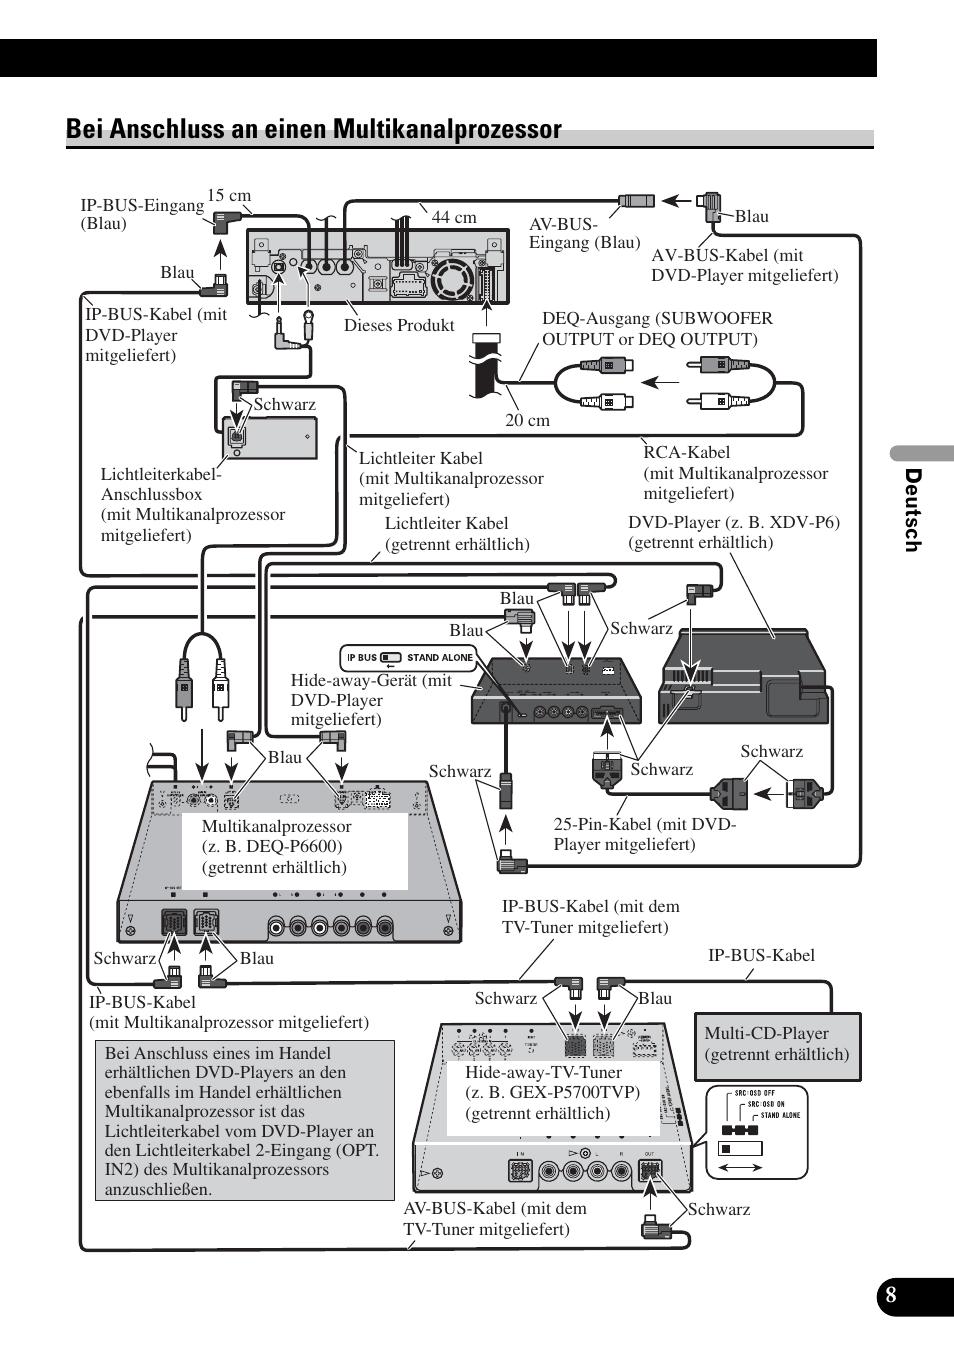 Bei anschluss an einen multikanalprozessor | Pioneer AVH-P5900DVD ...